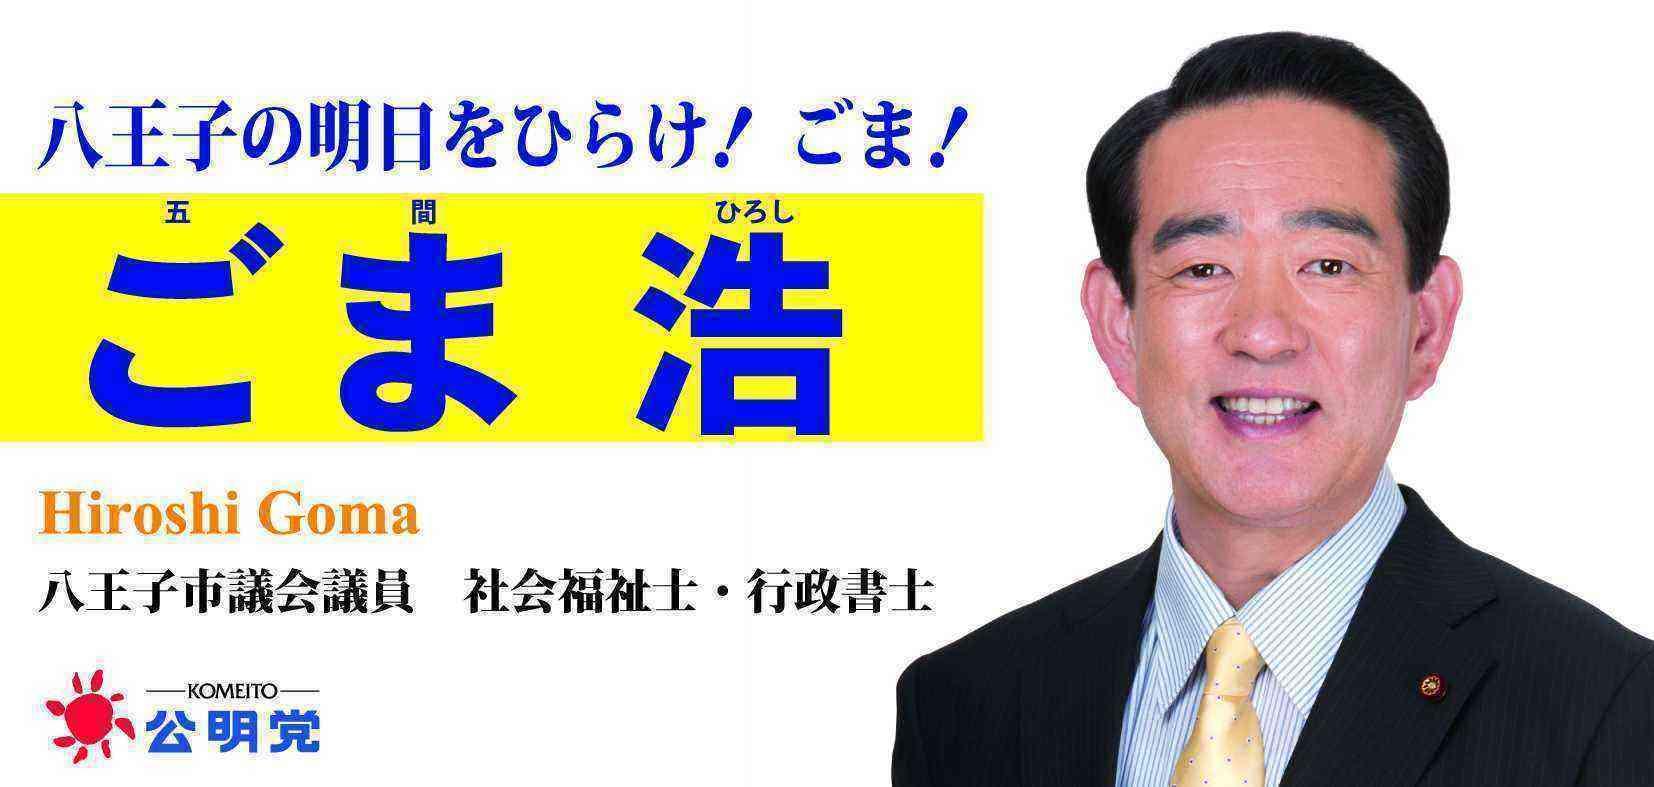 八王子市議会議員 五 間 浩: TOP...